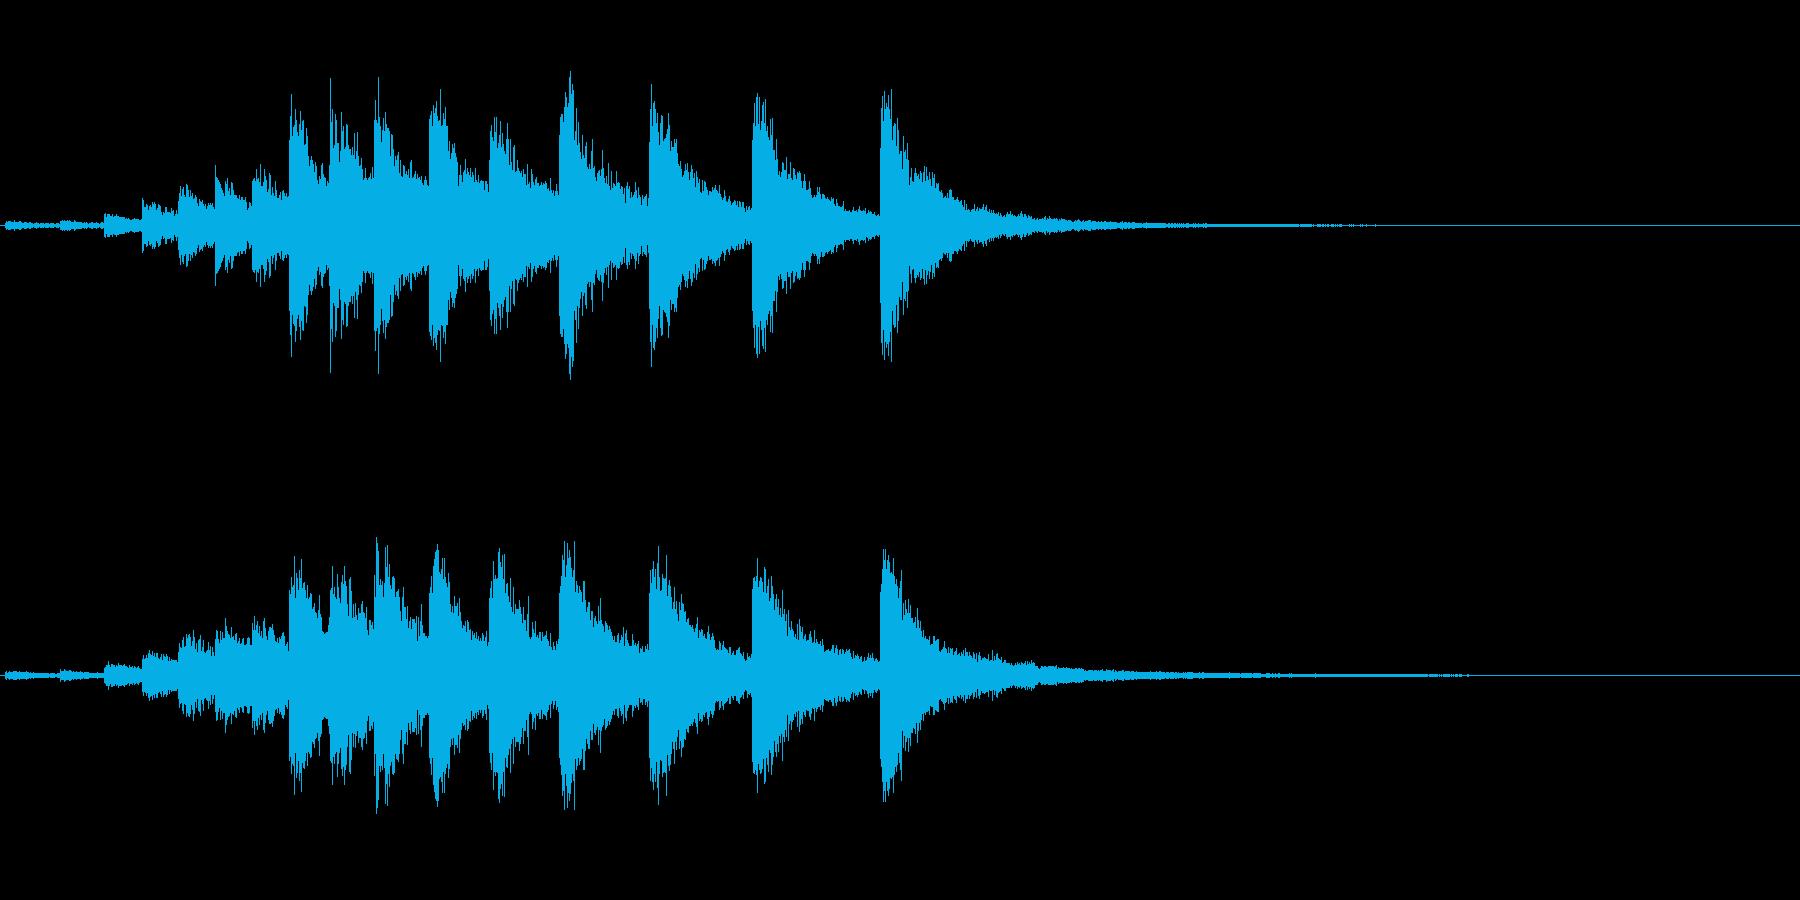 『カンカンカン・・・』韓国ドラの連打音の再生済みの波形